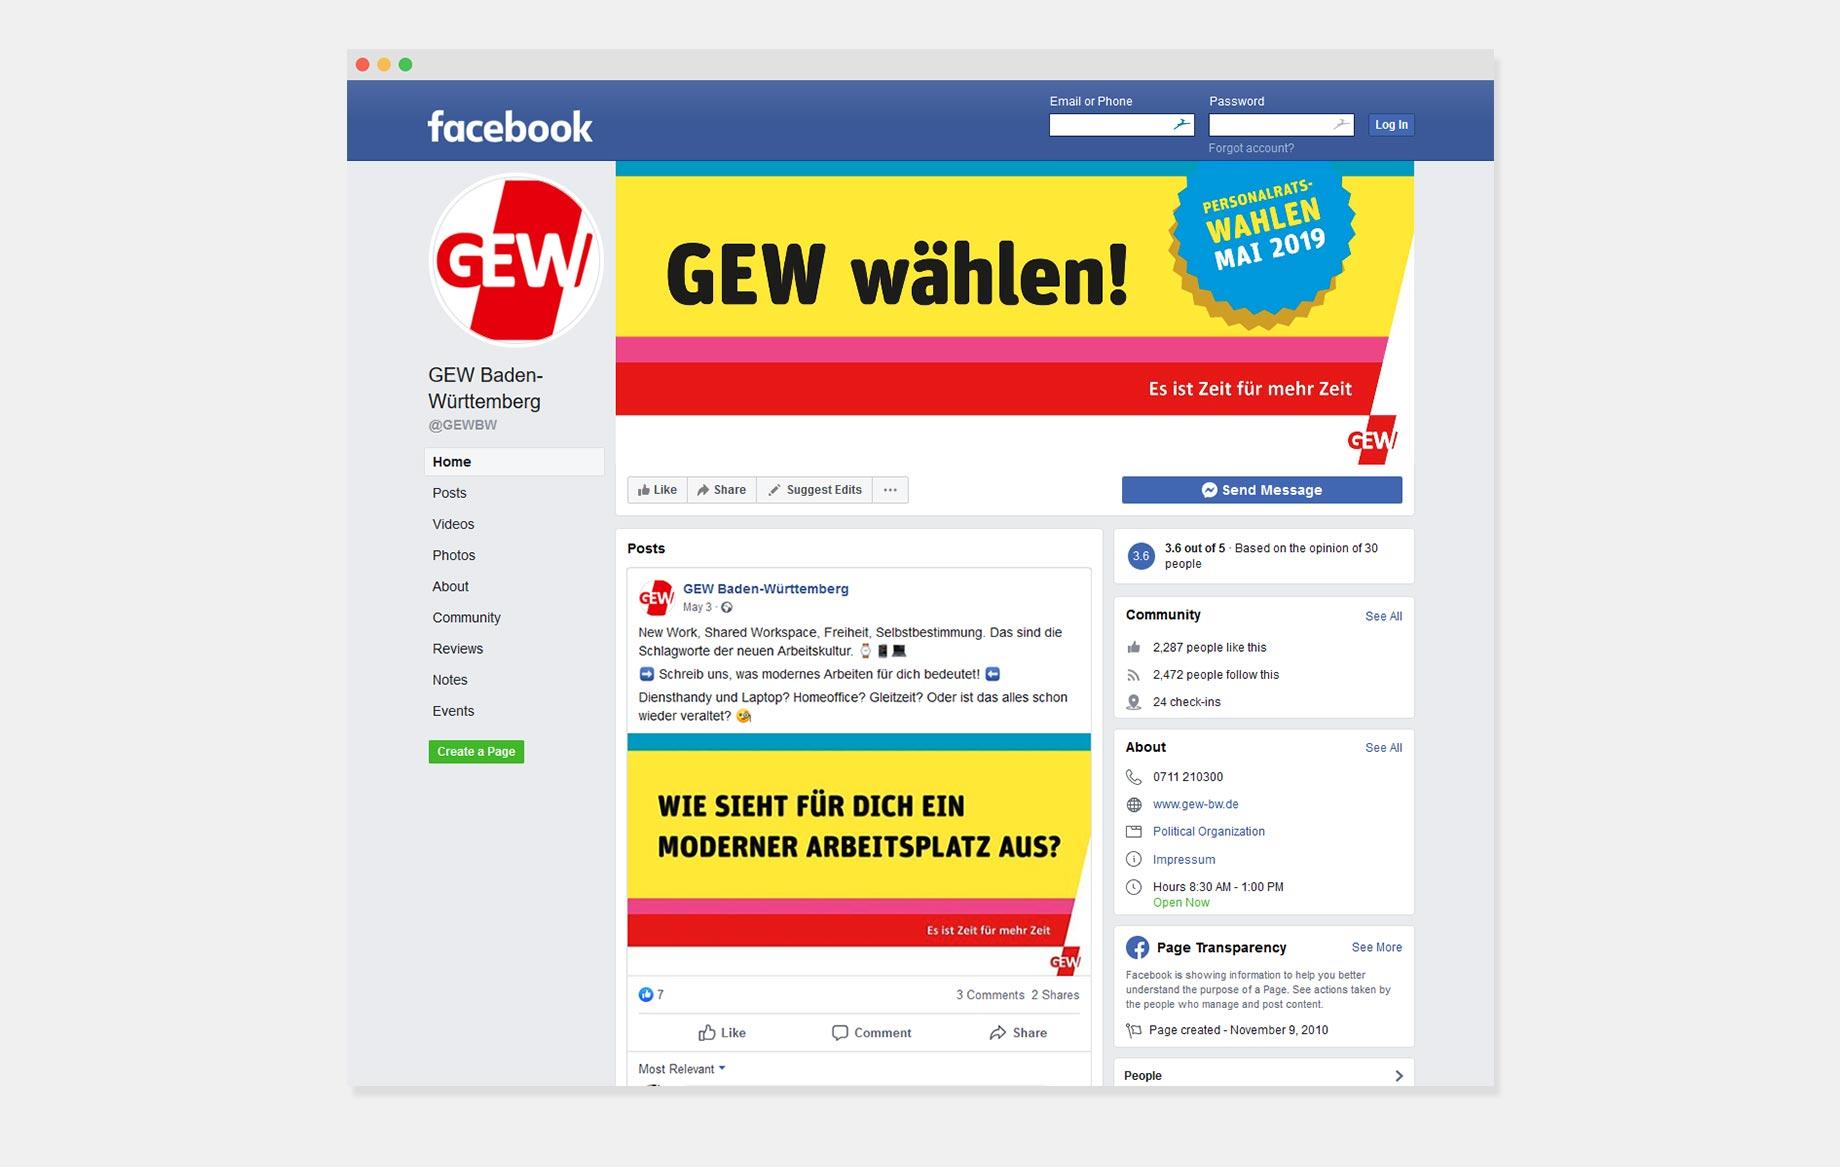 Facebookseite der GEW